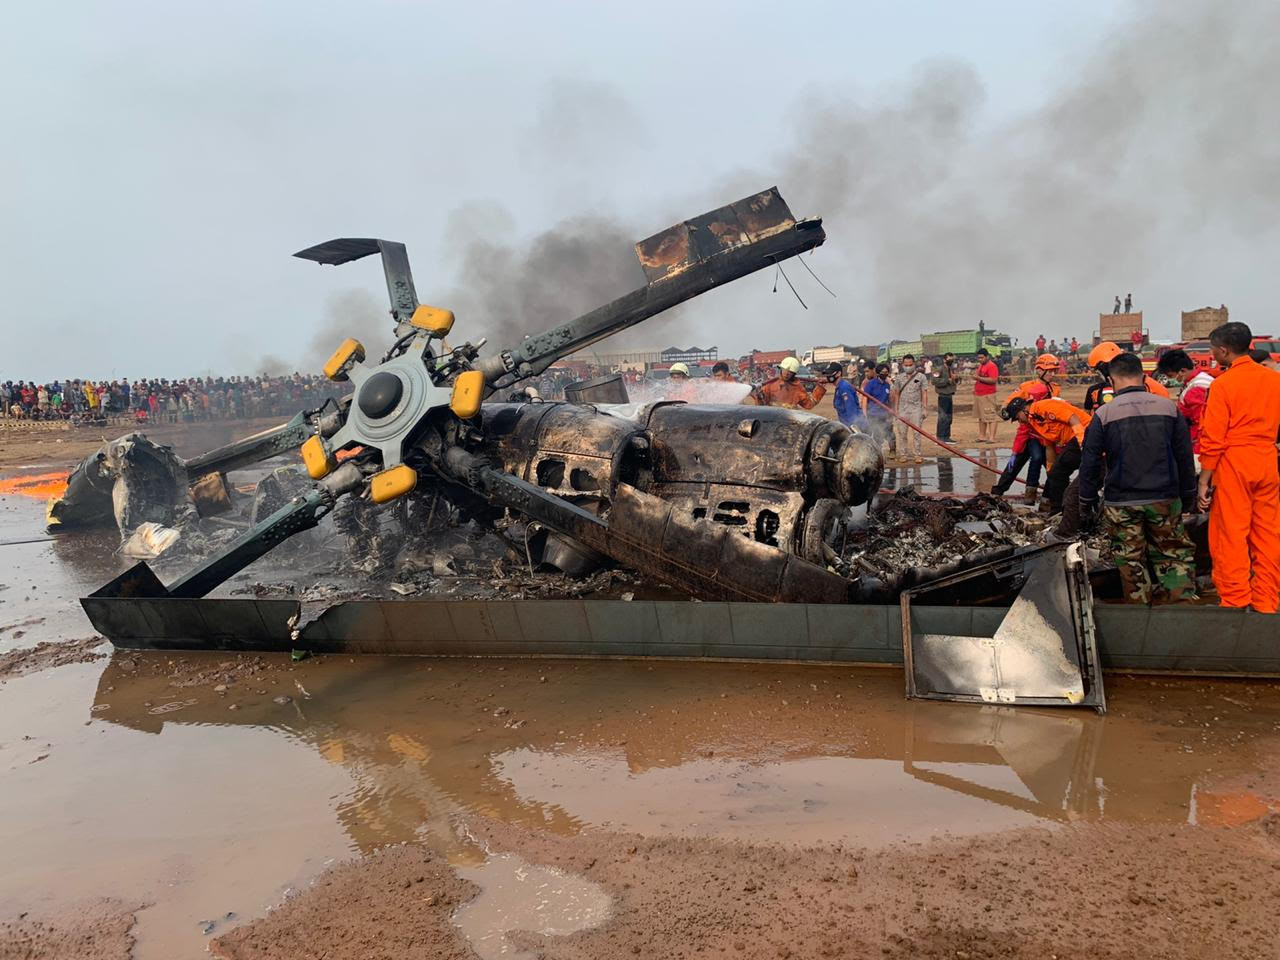 Aksi Heroik Praka Andi, Prajurit TNI yang Menyelamatkan Rekannya Saat Kecelakaan Helikopter - JPNN.com